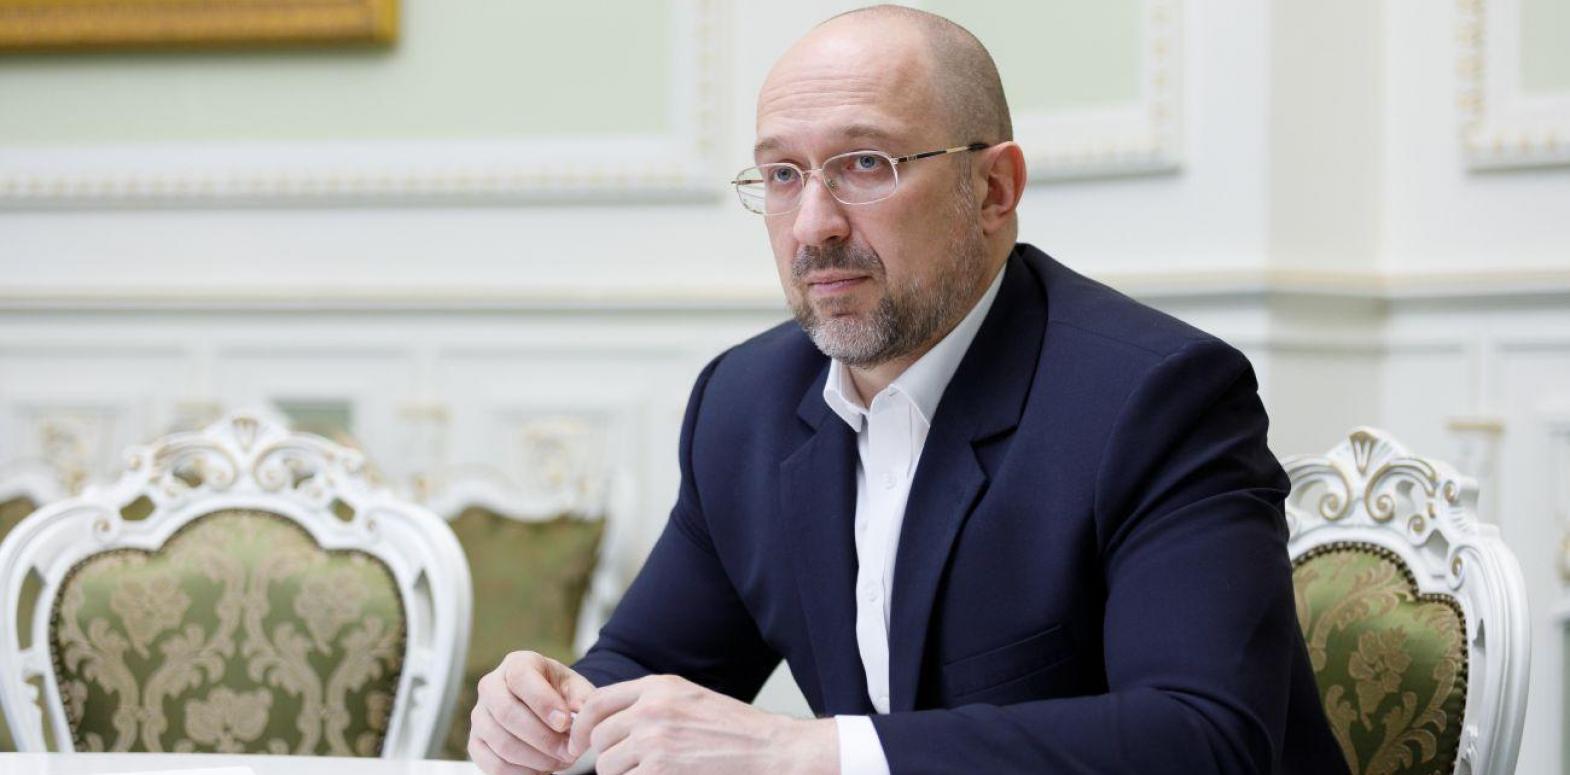 Цены на газ для части украинцев снизили в два раза. Шмыгаль рассказал, для кого